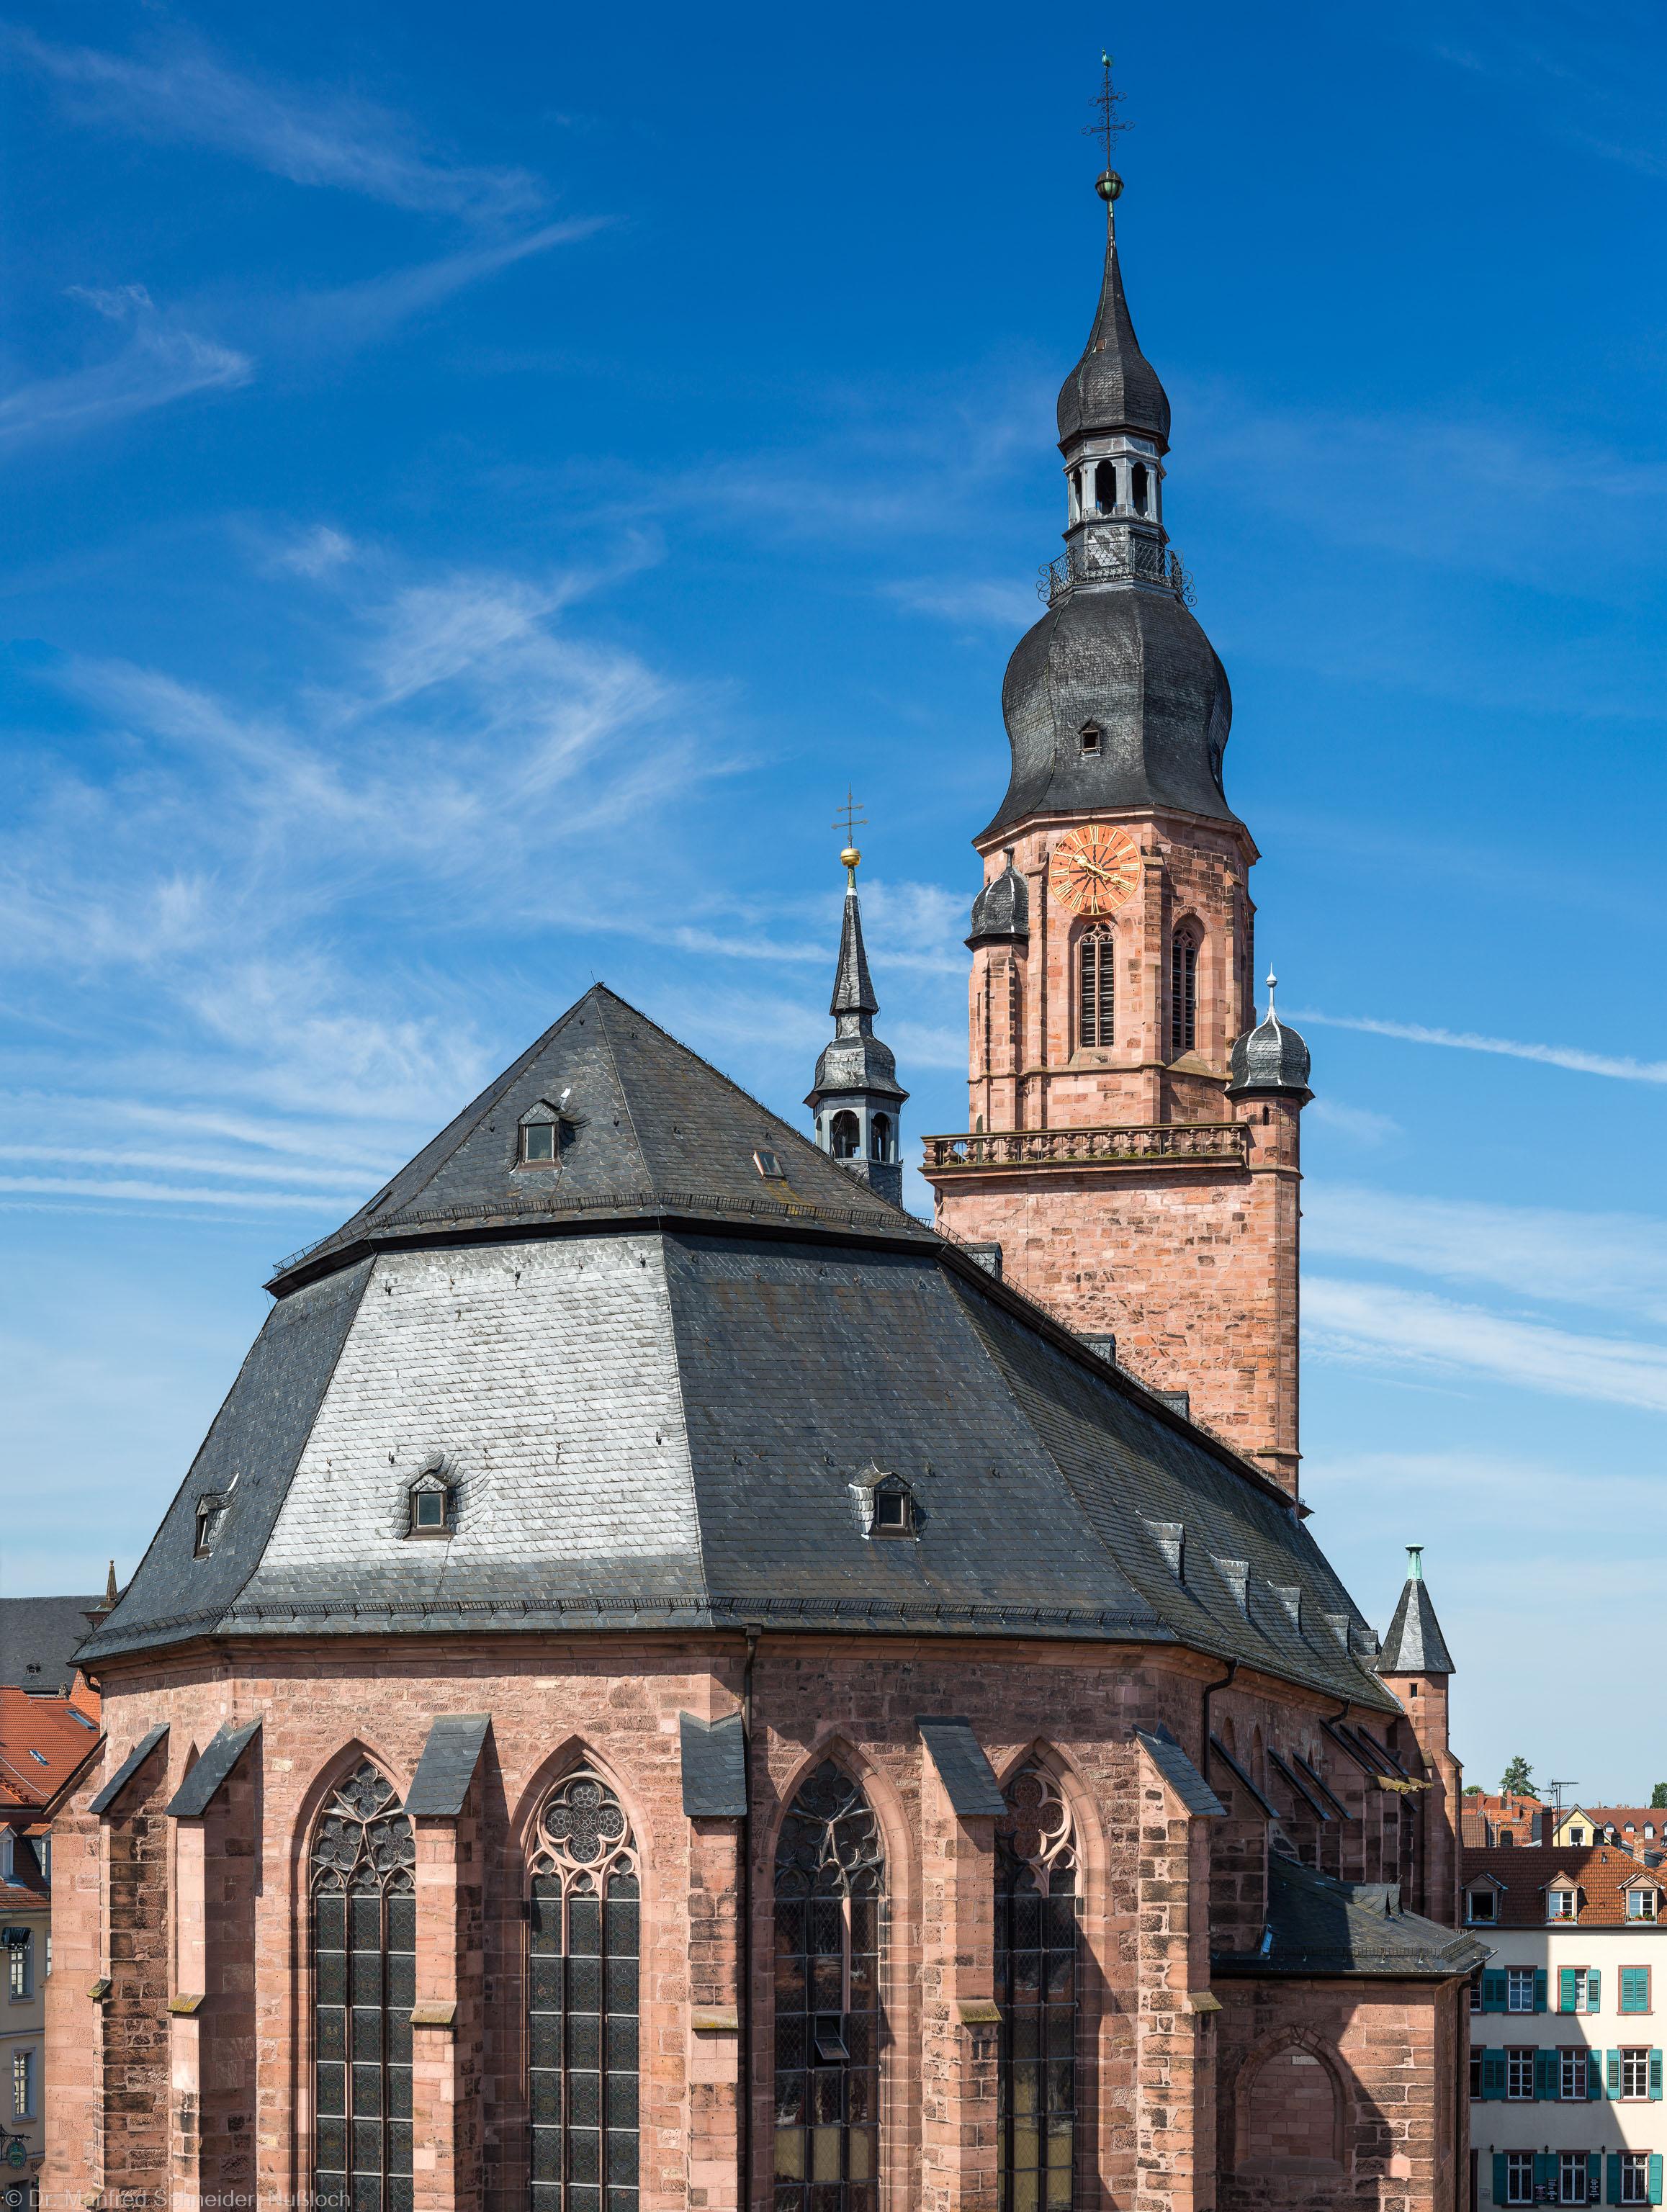 Heidelberg - Heiliggeistkirche - Ostseite - Blick vom Rathaus im 3. Stock auf die Nordostseite und den Turm (aufgenommen im Juli 2013, am späten Vormittag)